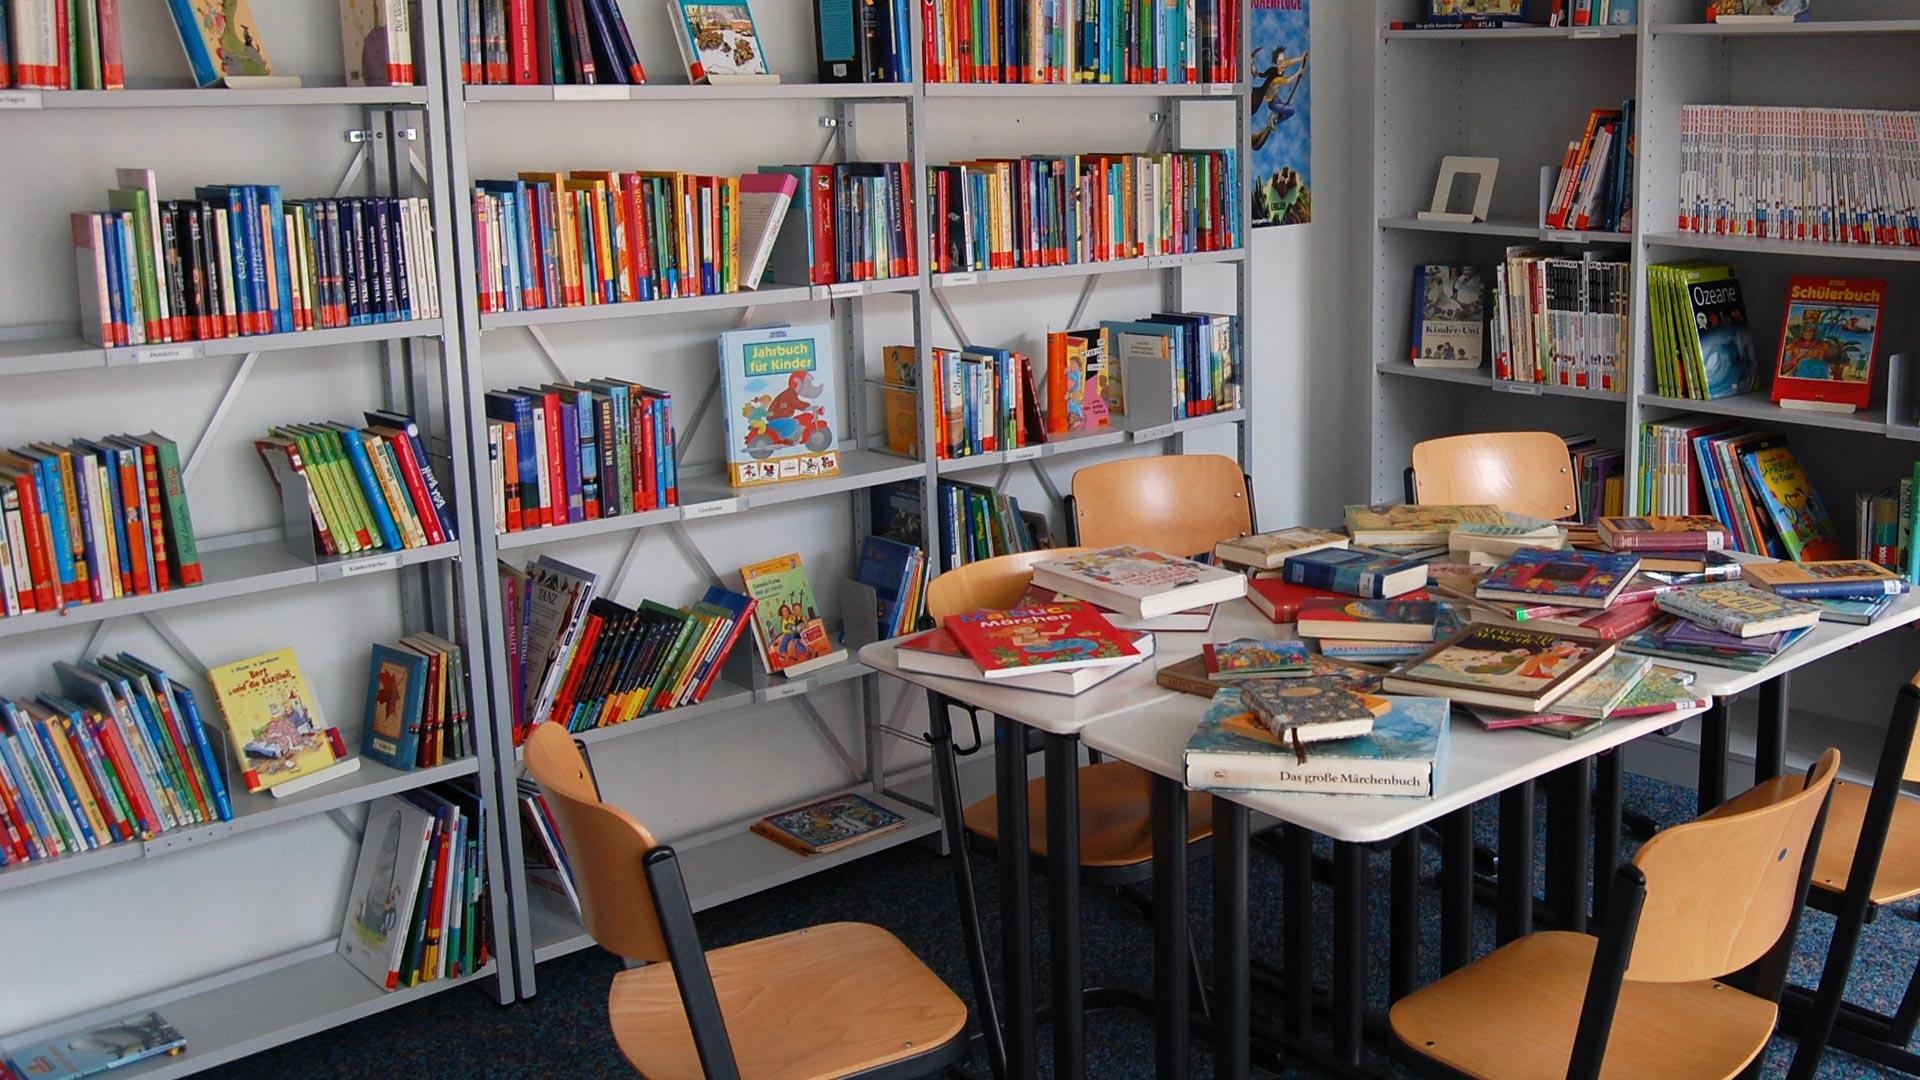 Bibliothek der Janusz-Korczak-Schule, viele Kinder und Jugenbücher auf einem Tisch